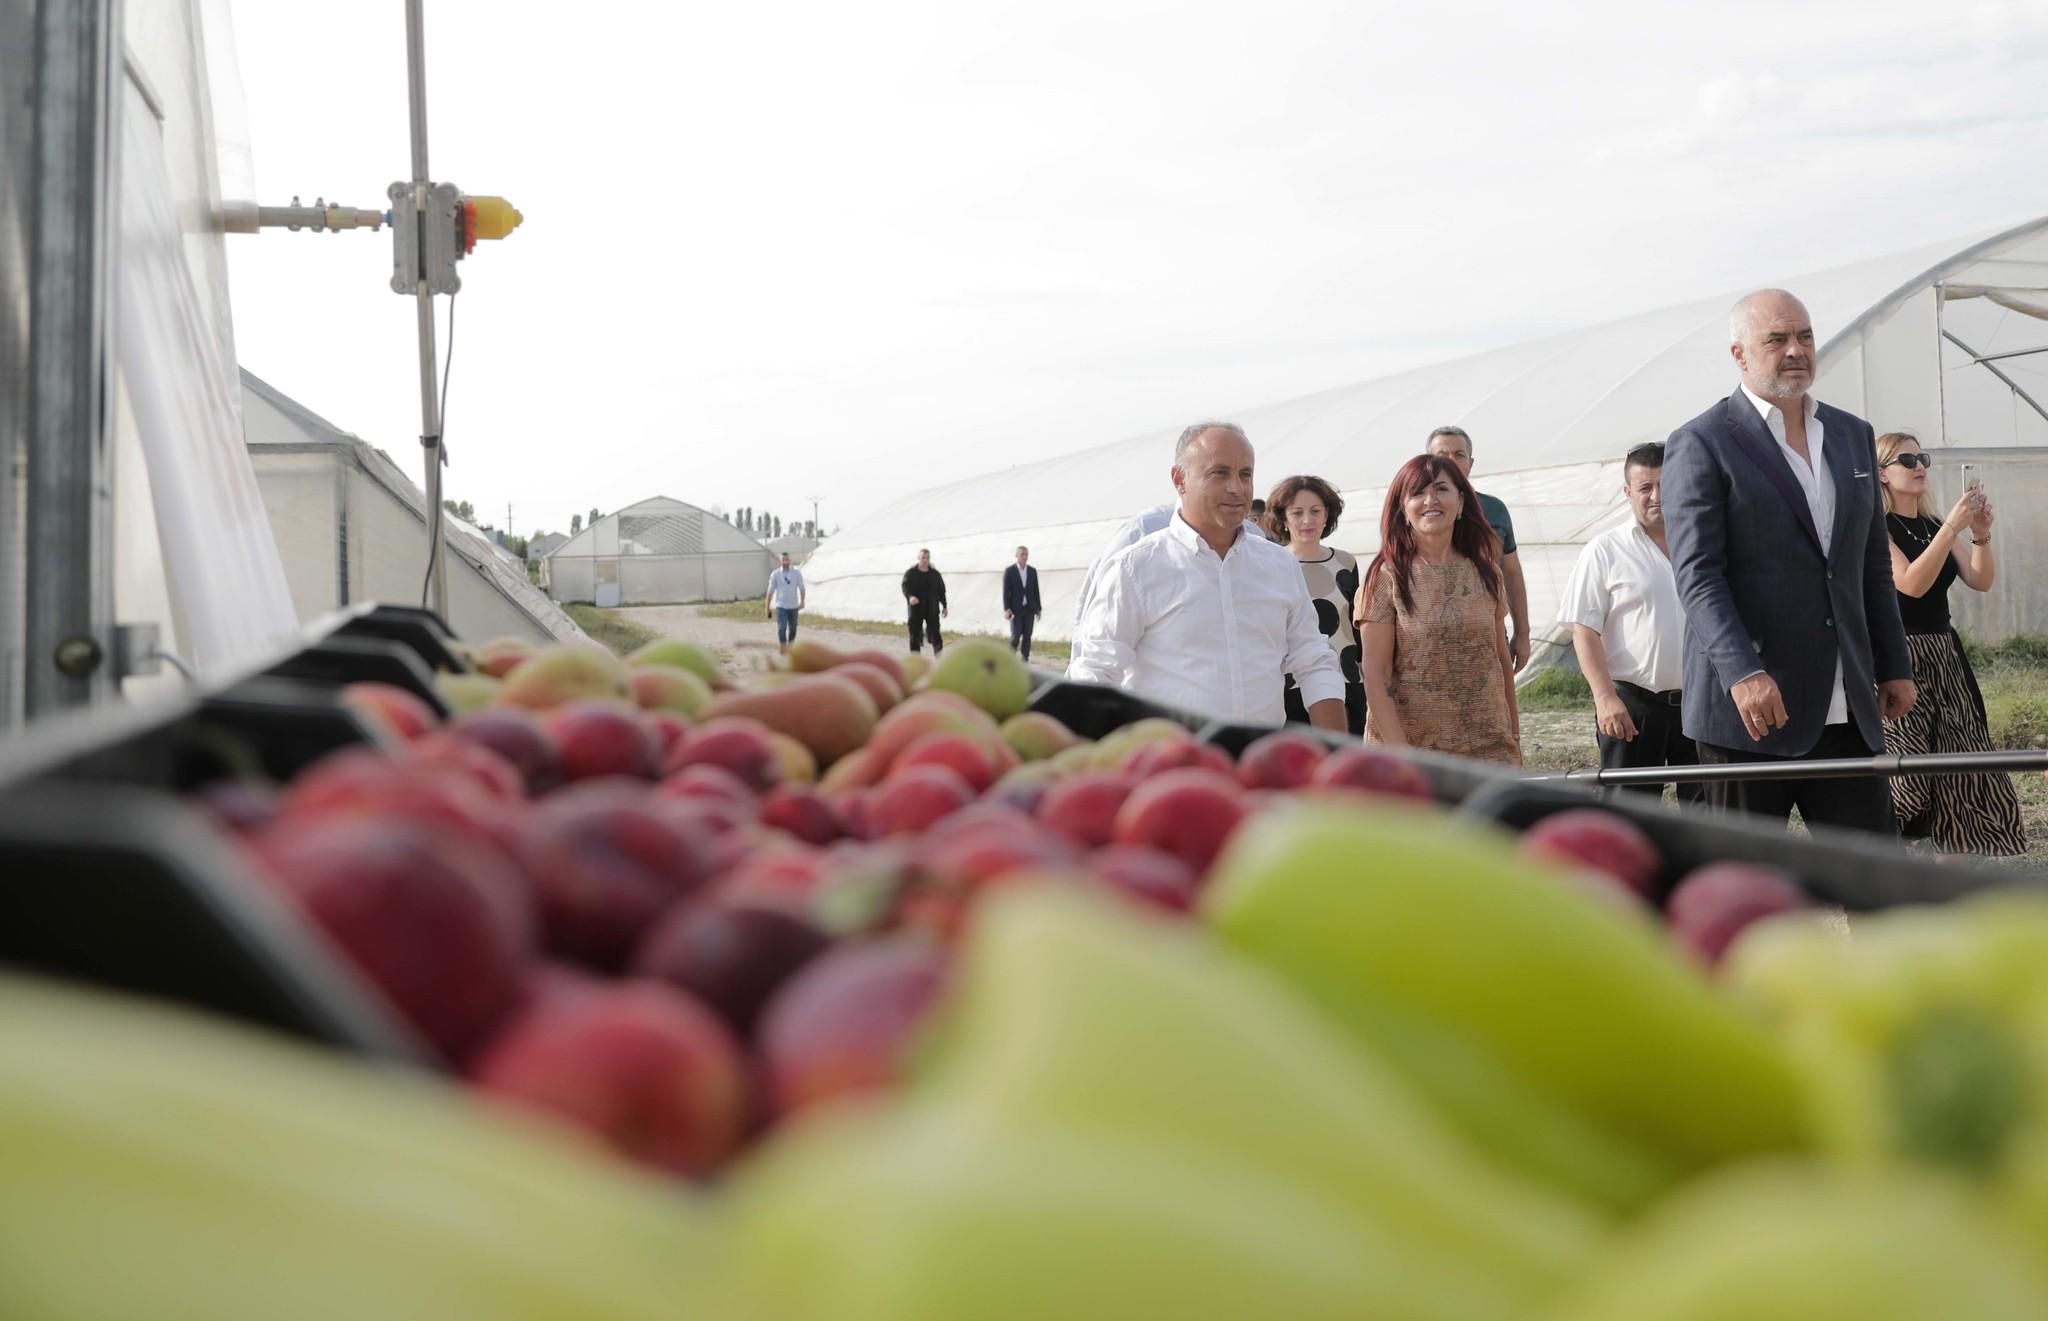 Rama kthehet te fshatarët: Produktet bujqësore shqiptare drejt tregjeve europiane